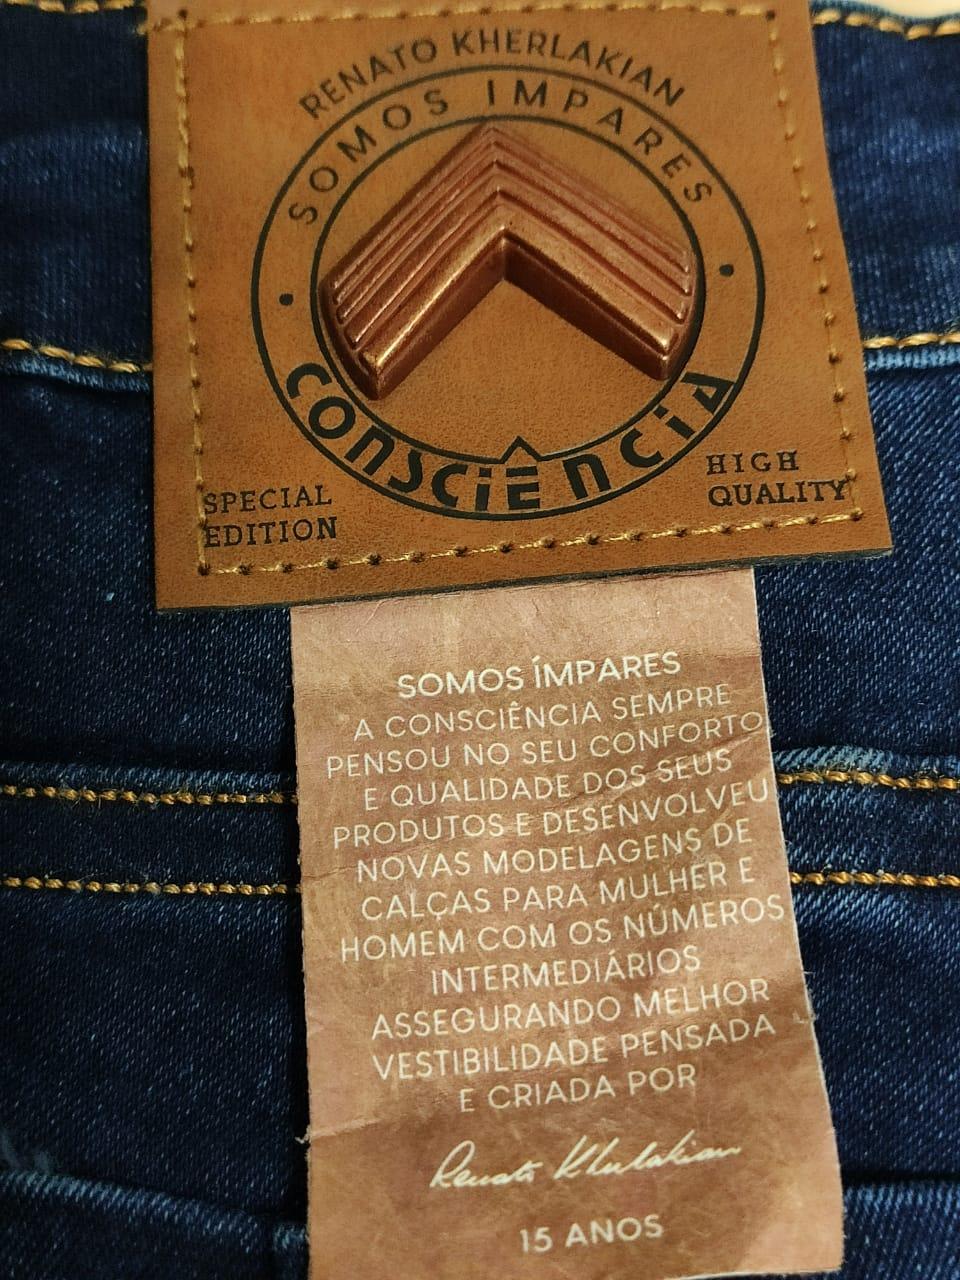 Calça Jeans Coleção Renato Kherlakian CNS 18009